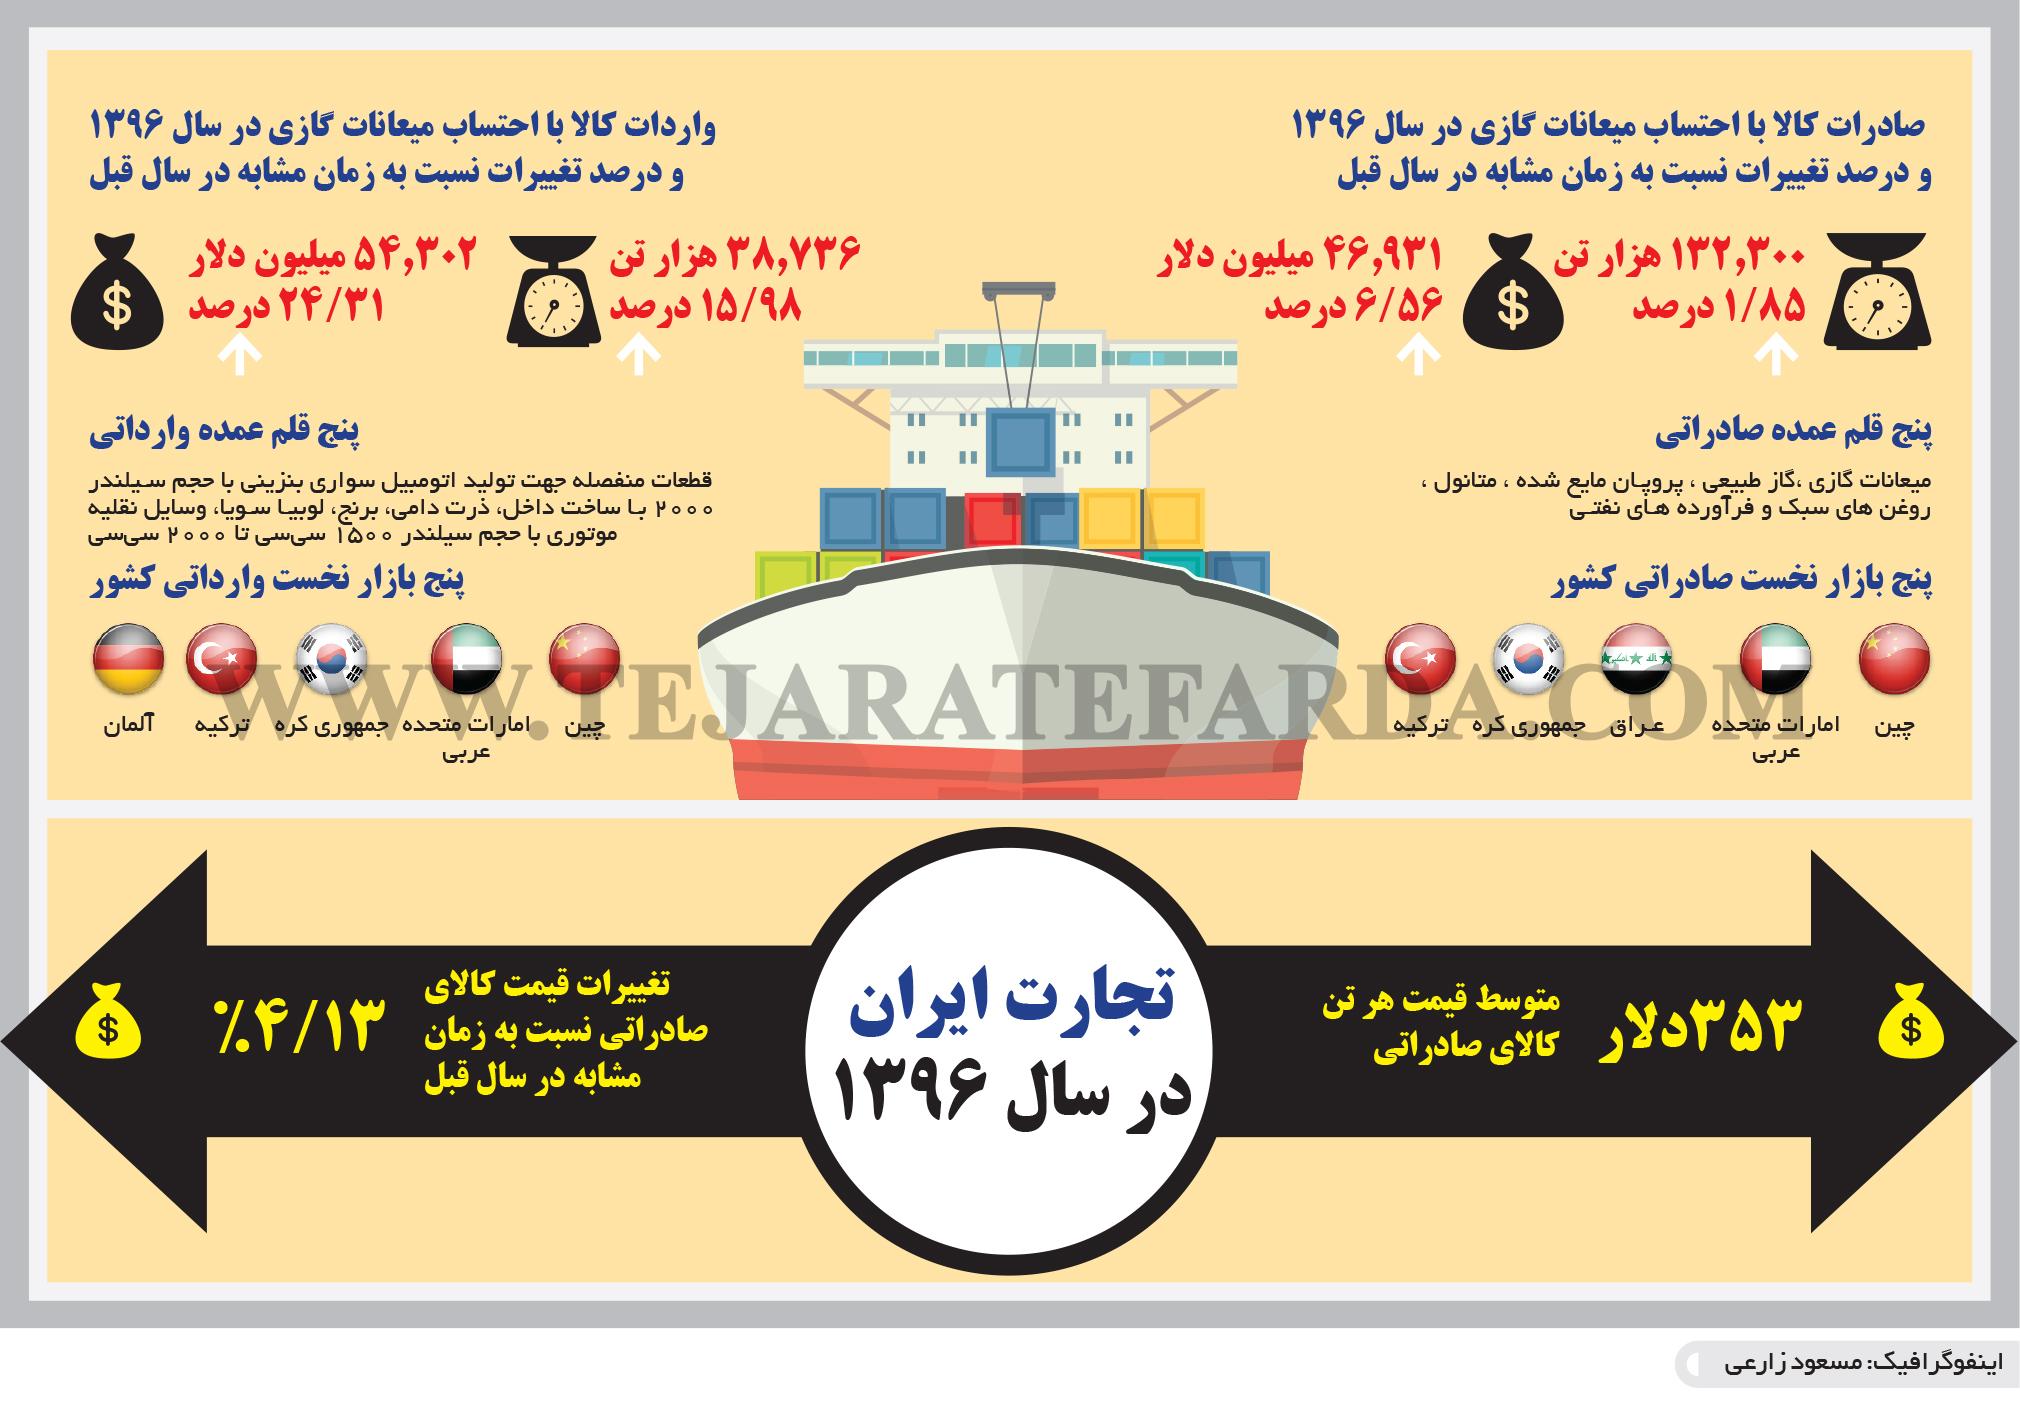 تجارت- فردا- تجارت ایران در سال 1396(اینفوگرافیک)